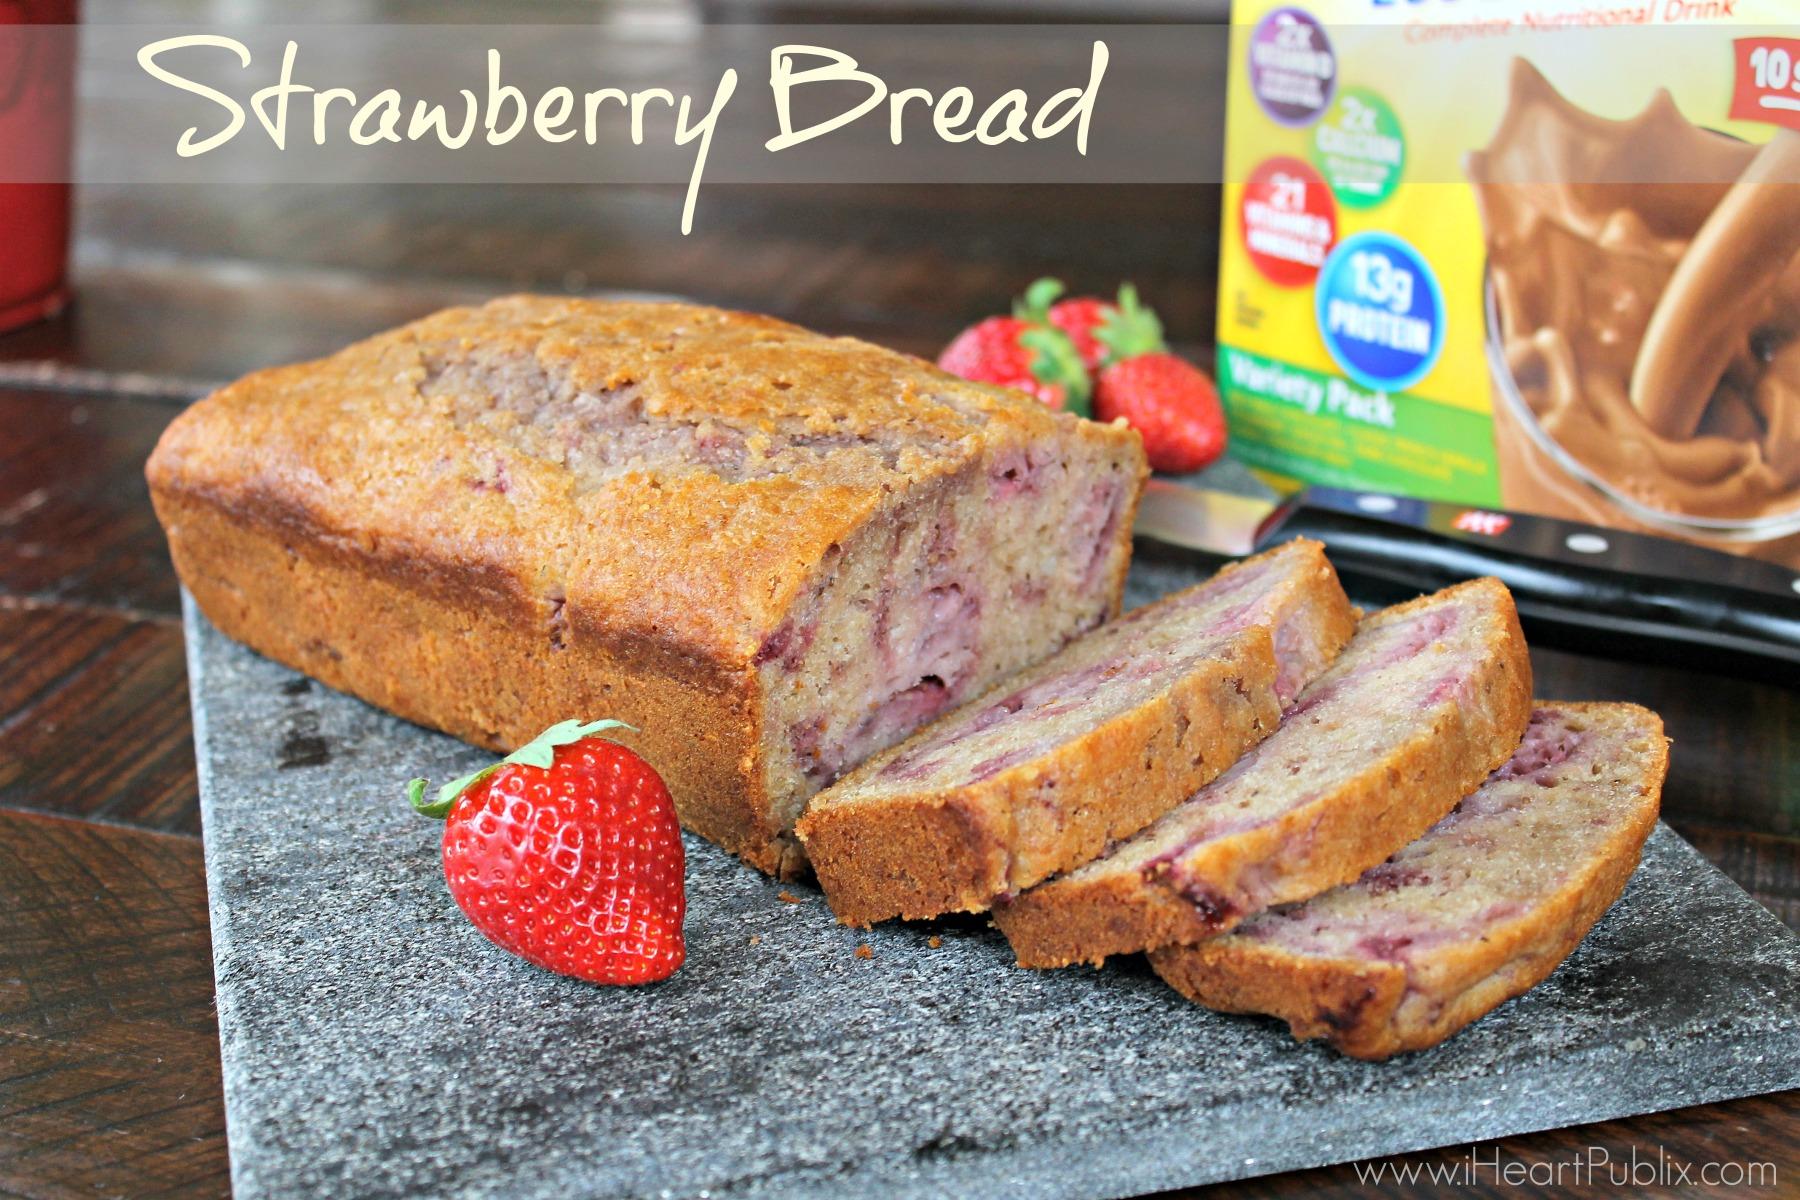 Strawberry Breakfast Bread